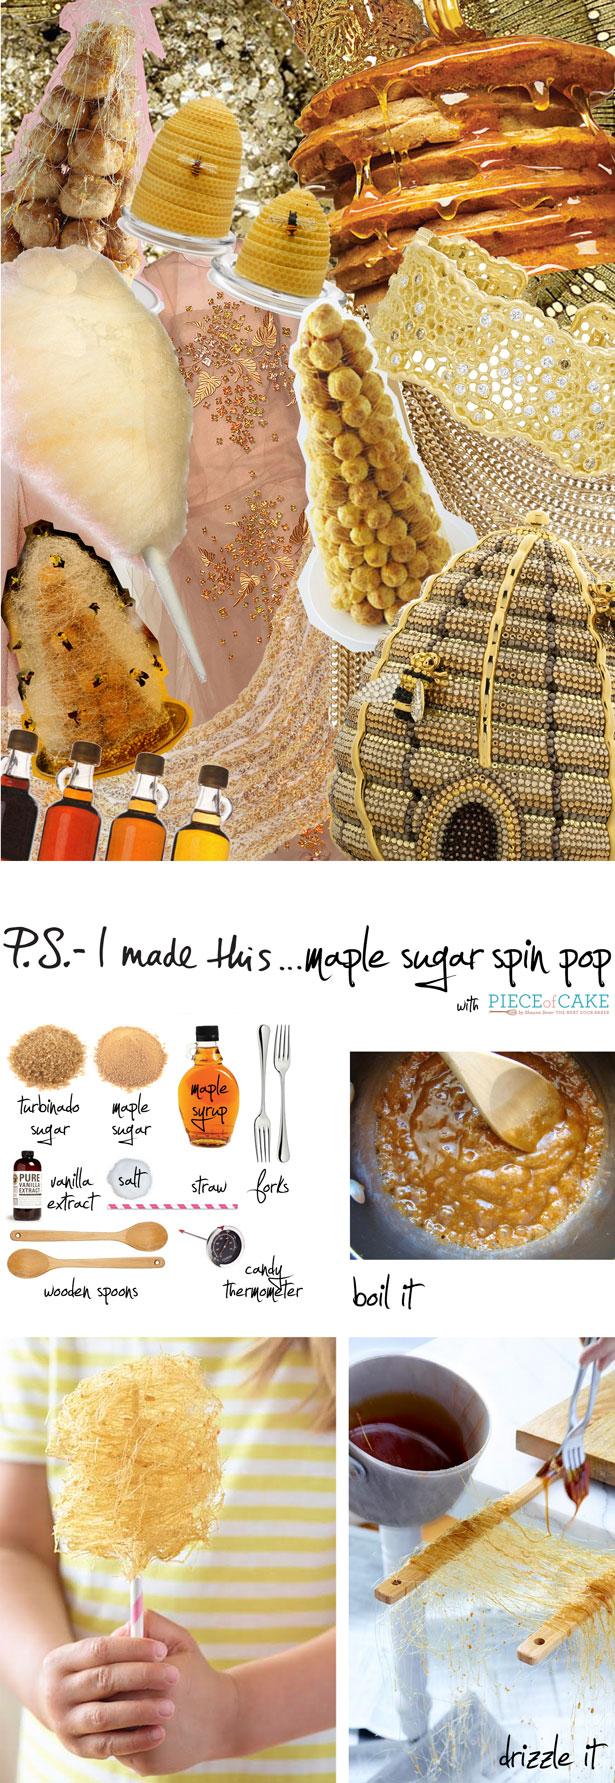 06.11.15_Maple-Sugar-Spin-Pop-MERGED